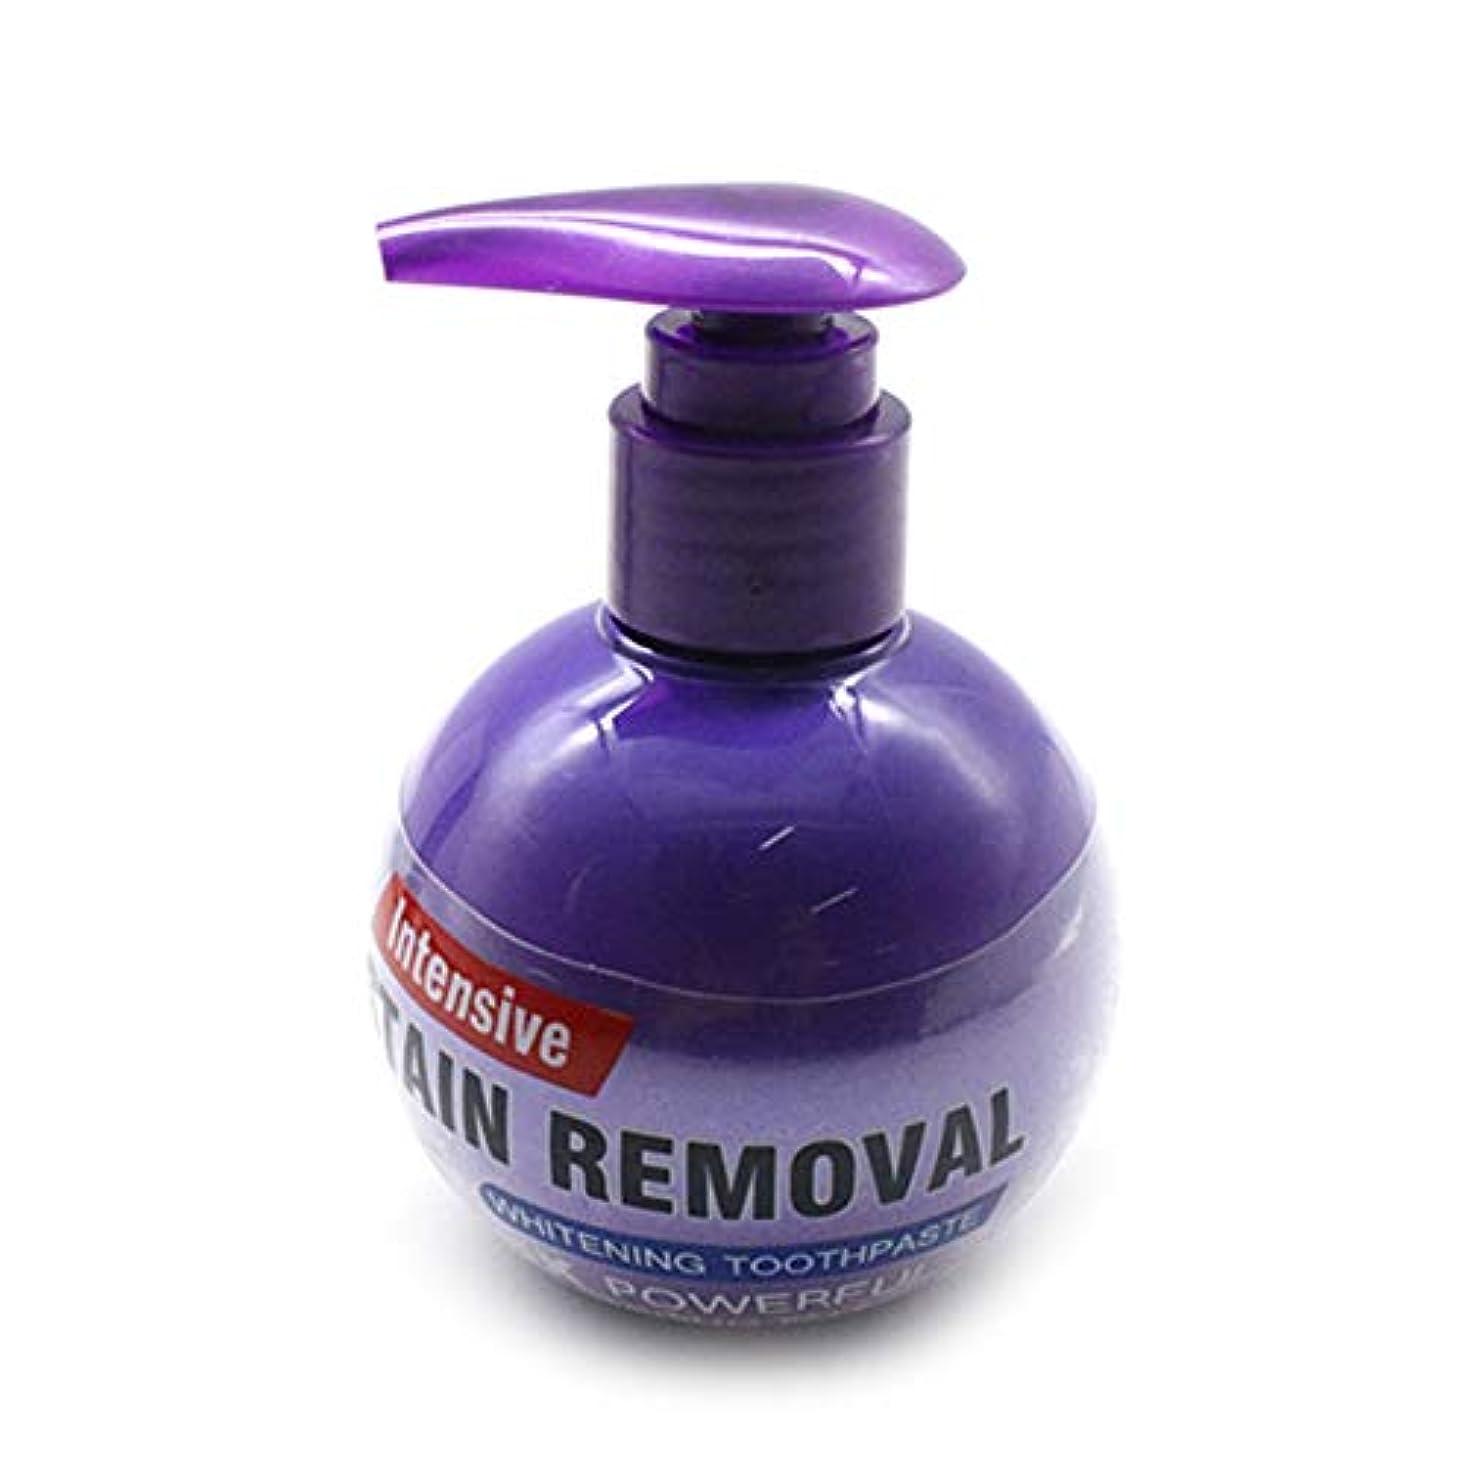 掻く安西視聴者Beaurtty強力な洗剤、新しい歯磨き粉の美白、抗出血ガム、歯磨き粉、歯